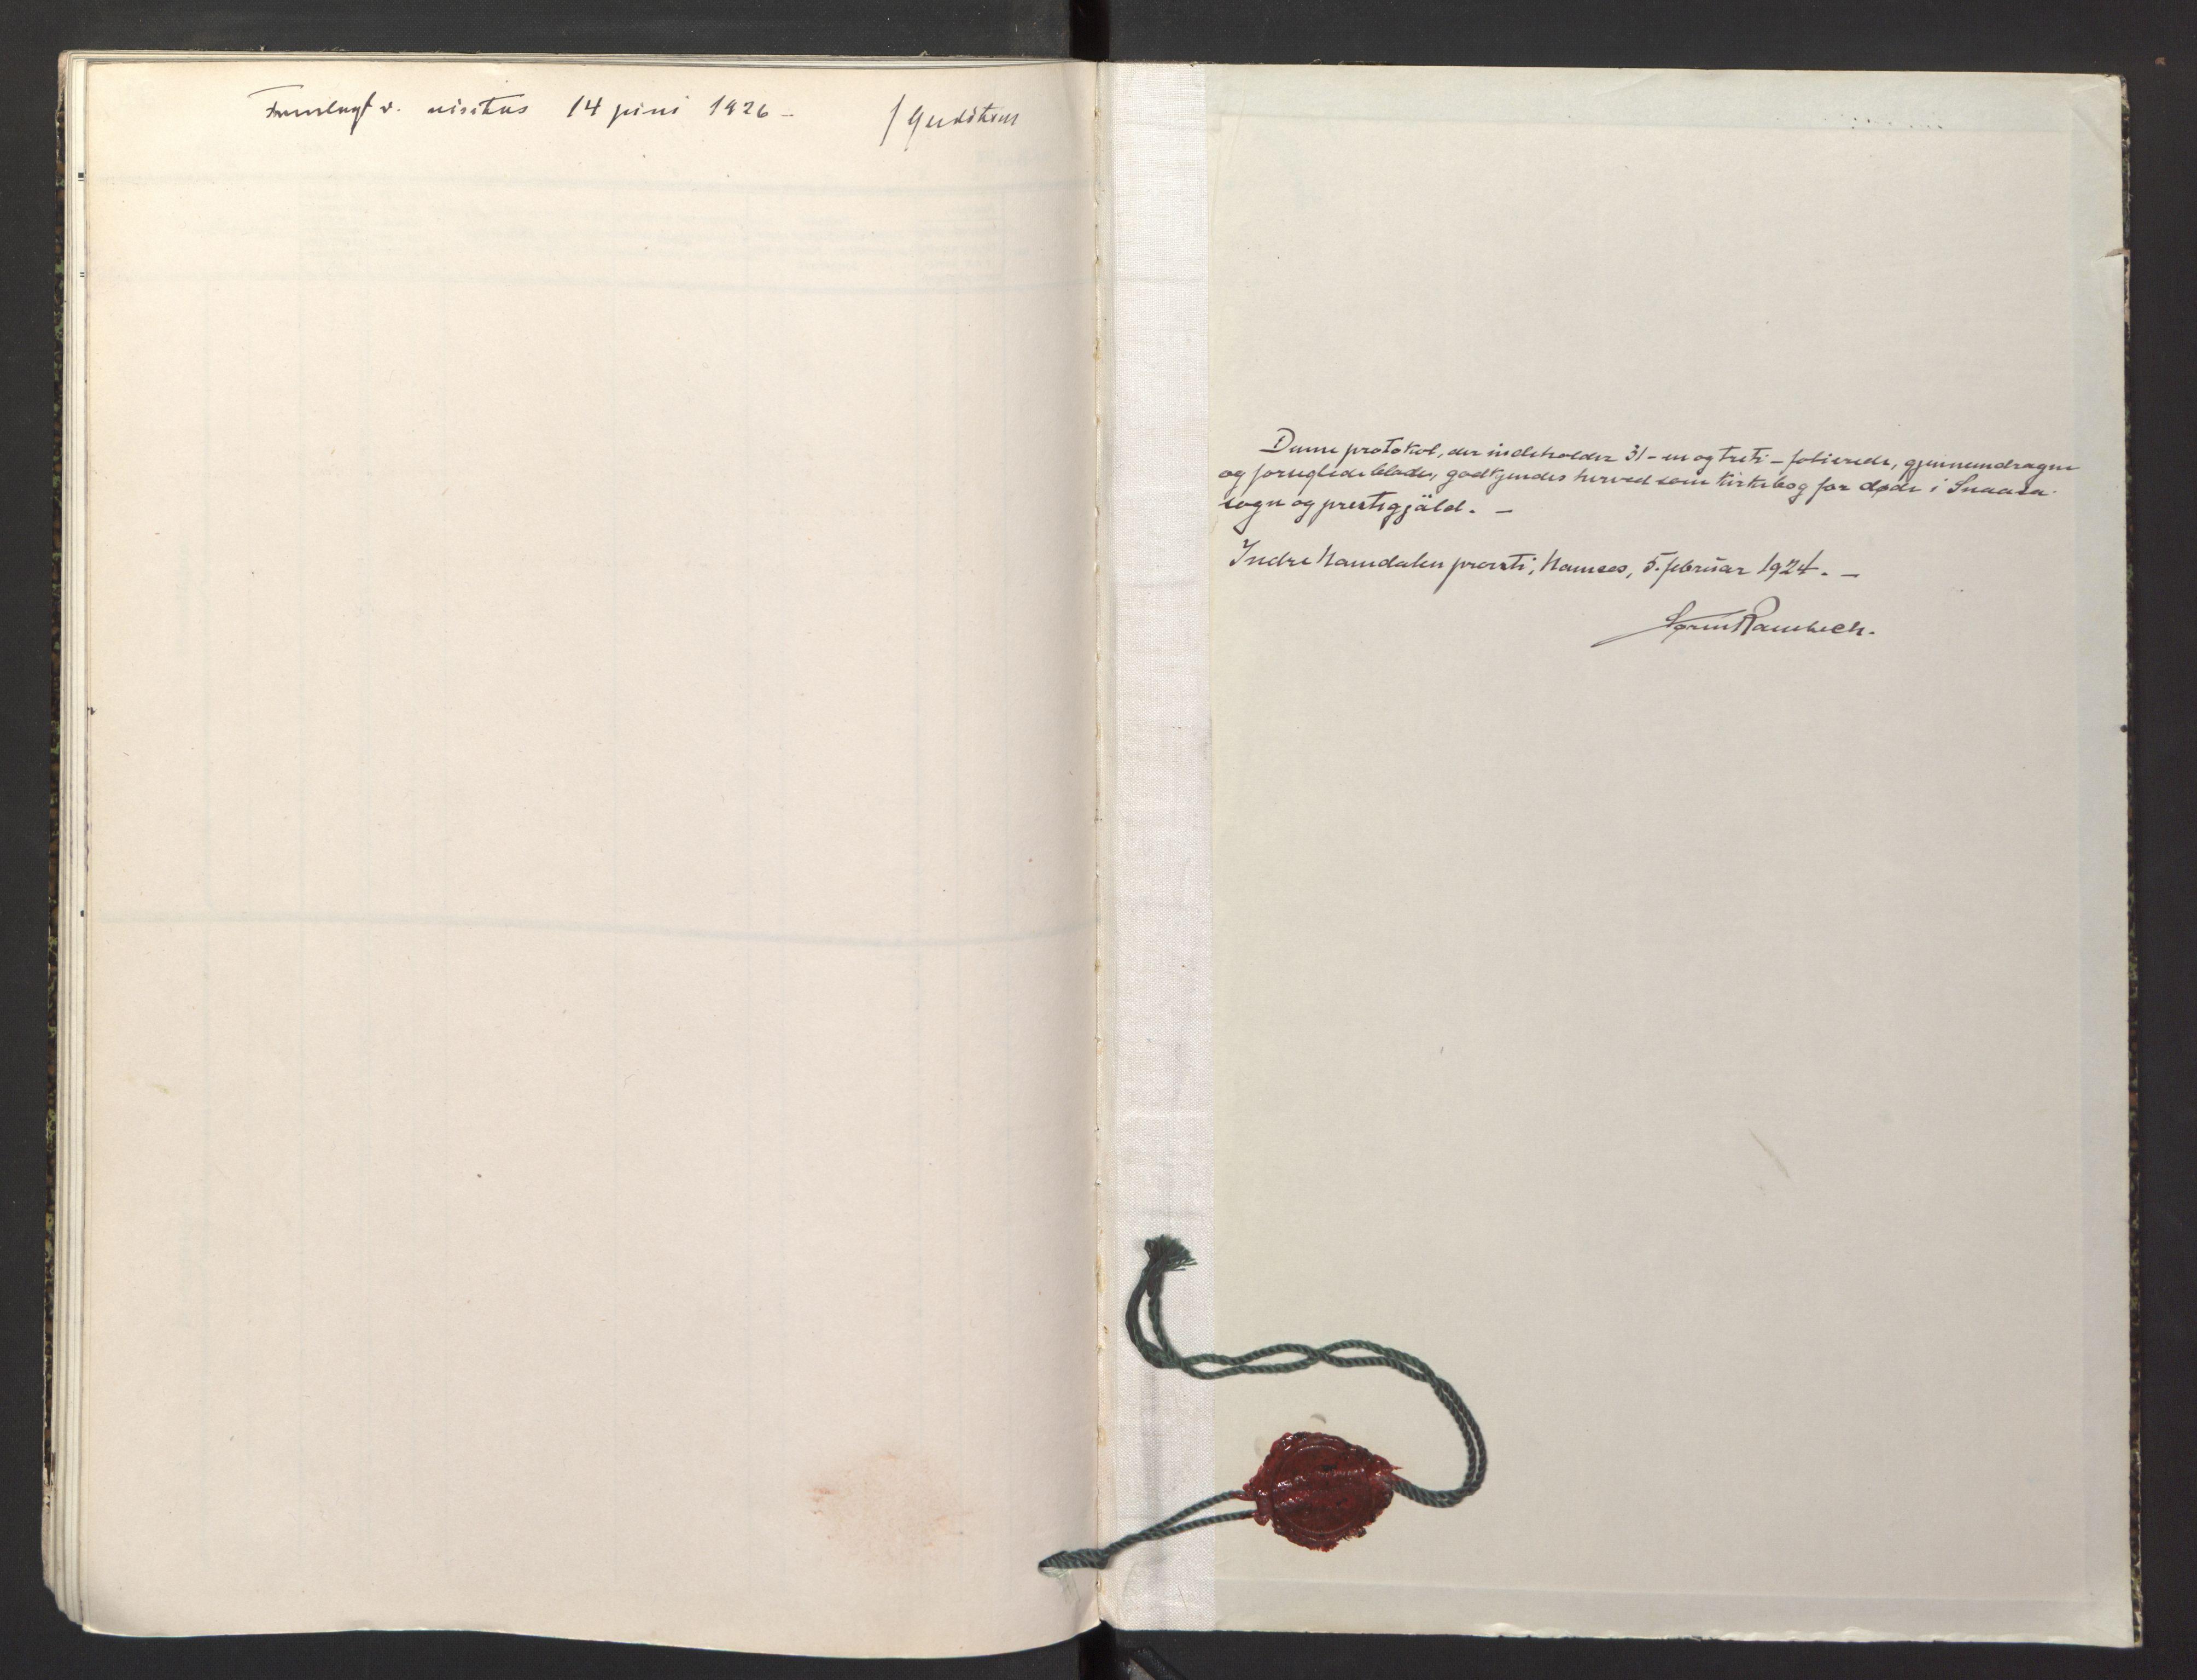 SAT, Ministerialprotokoller, klokkerbøker og fødselsregistre - Nord-Trøndelag, 749/L0478: Ministerialbok nr. 749A12, 1921-1925